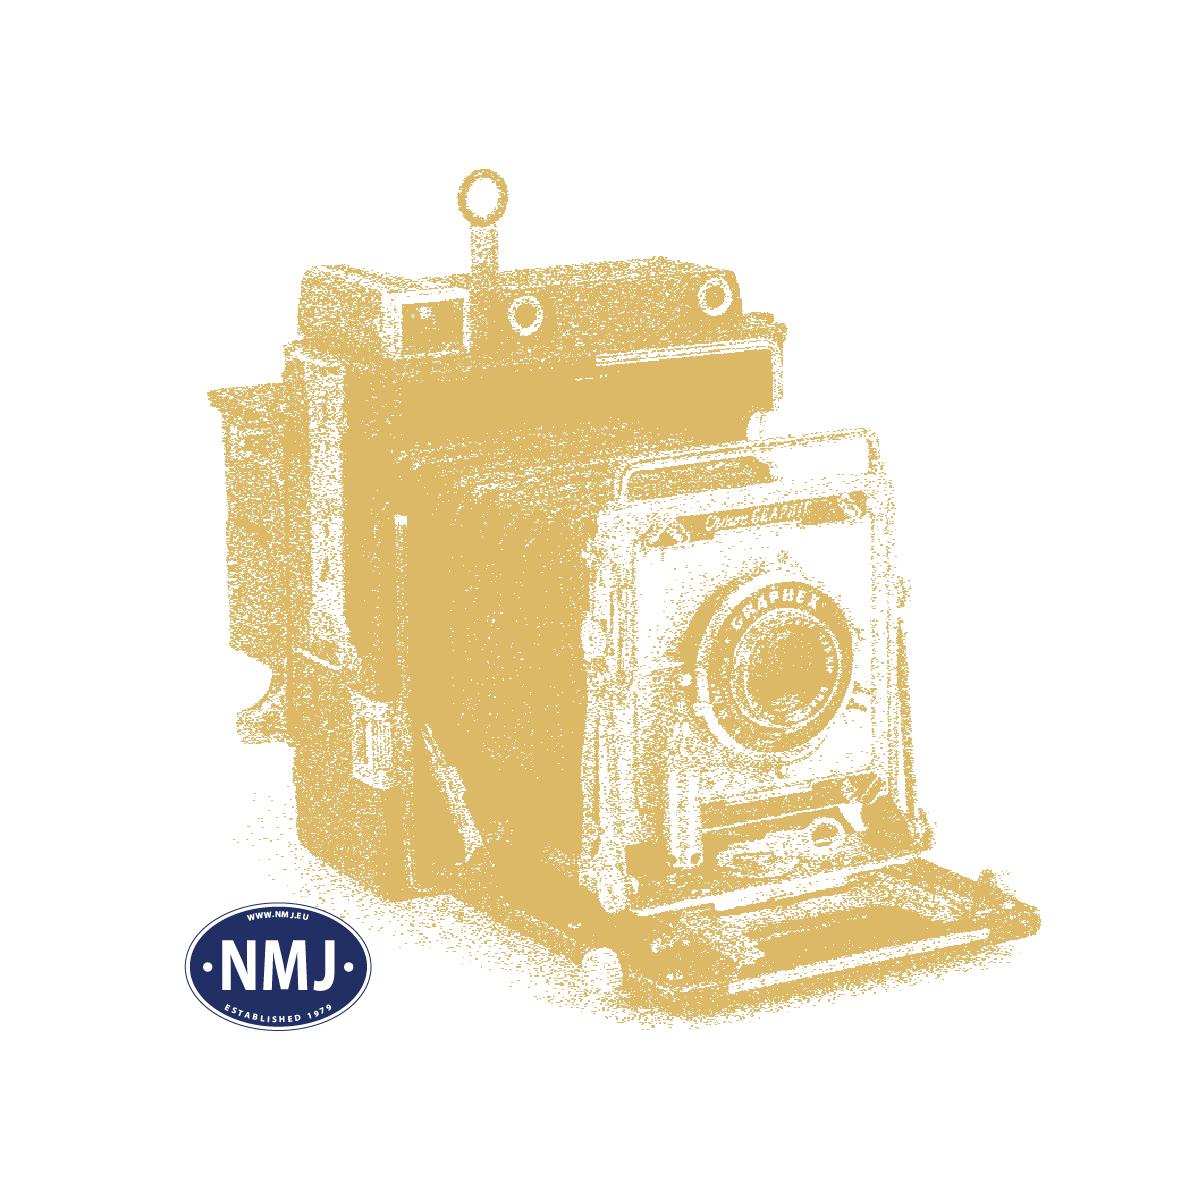 NMJS2.2023-2 - NMJ Superline NSB El 2.2023, Modernisert